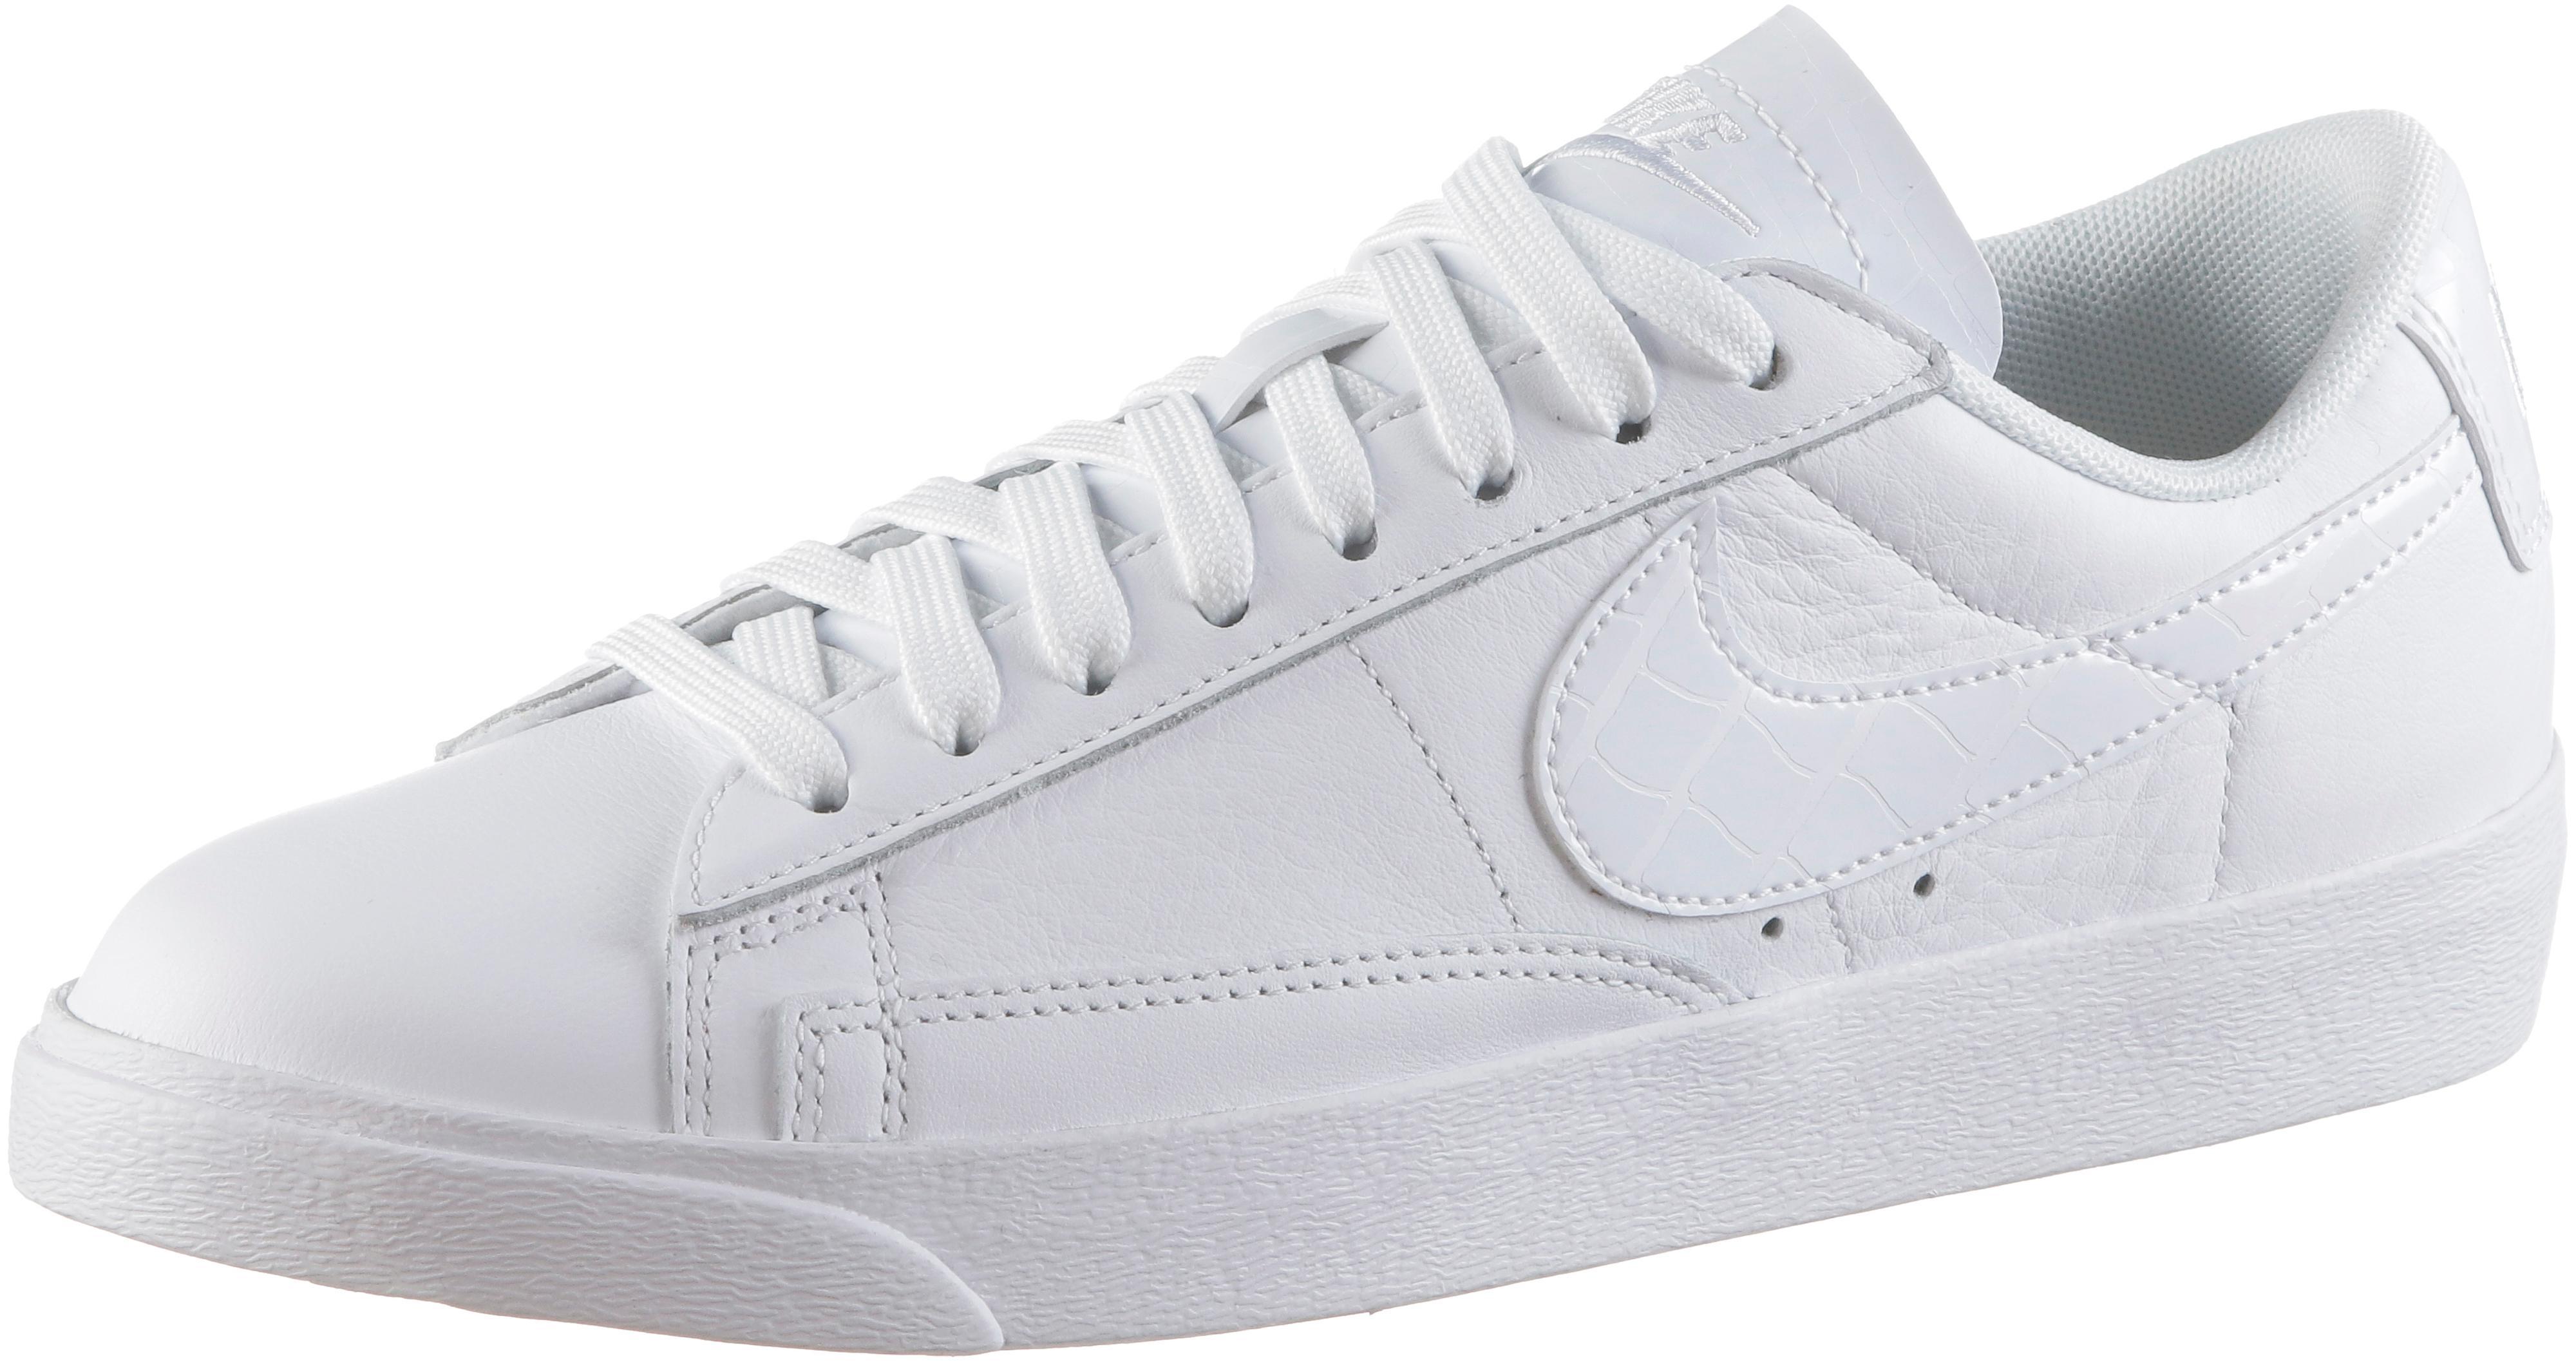 Nike Blazer Low Turnschuhe Damen Weiß-Weiß im Online Shop Shop Shop von SportScheck kaufen Gute Qualität beliebte Schuhe 44a343